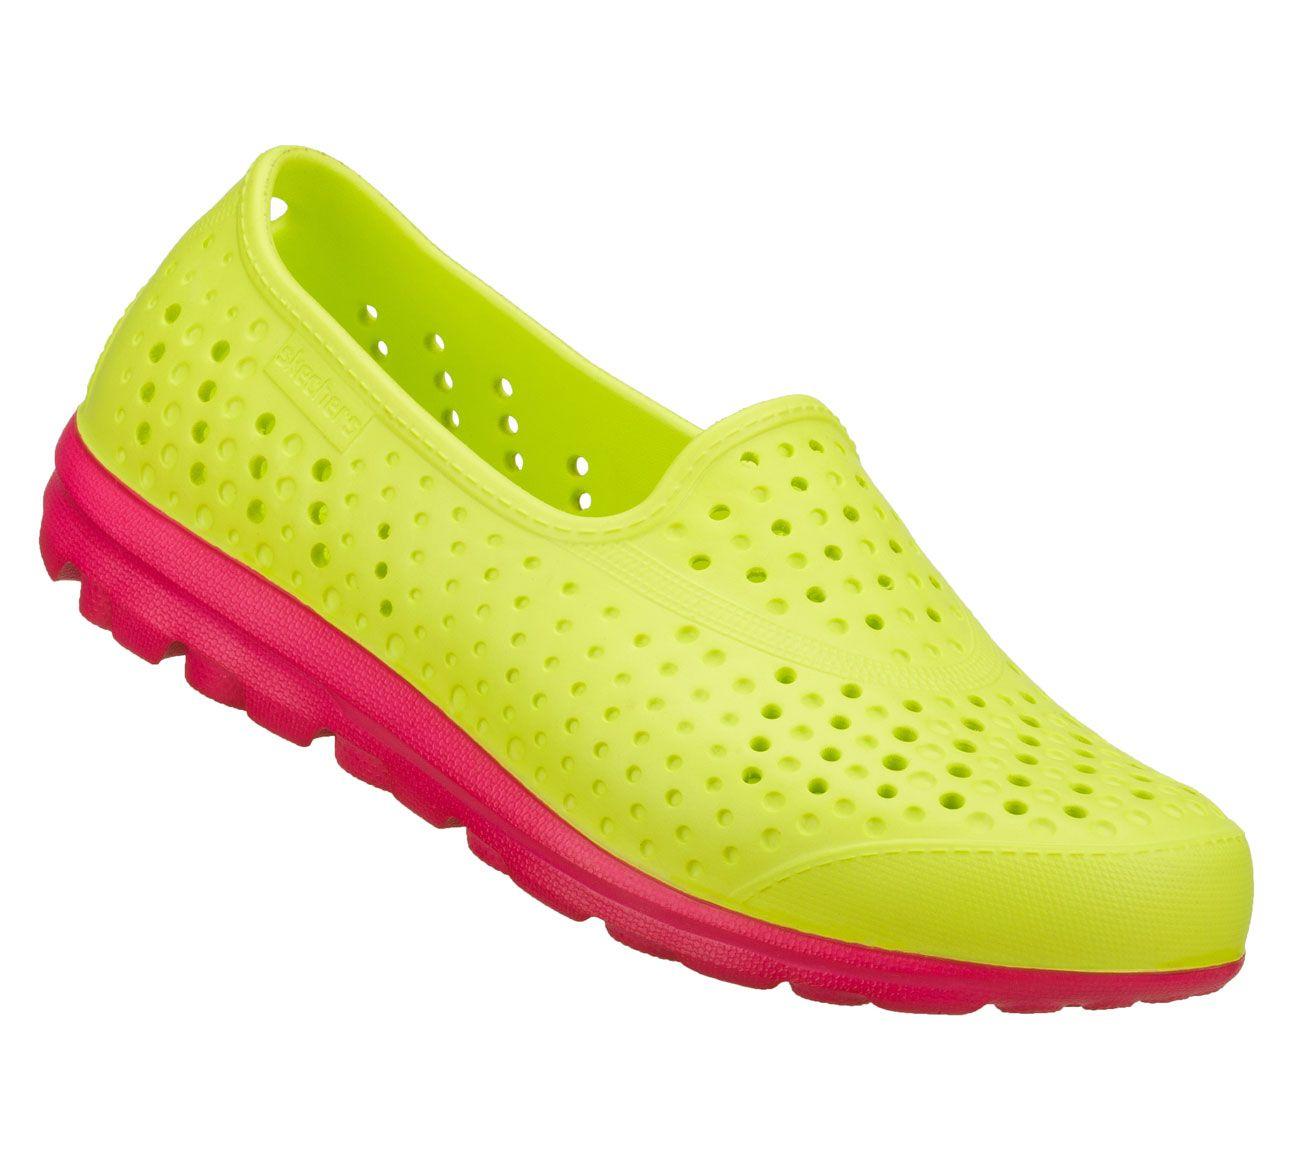 Skechers women, Skechers mens shoes